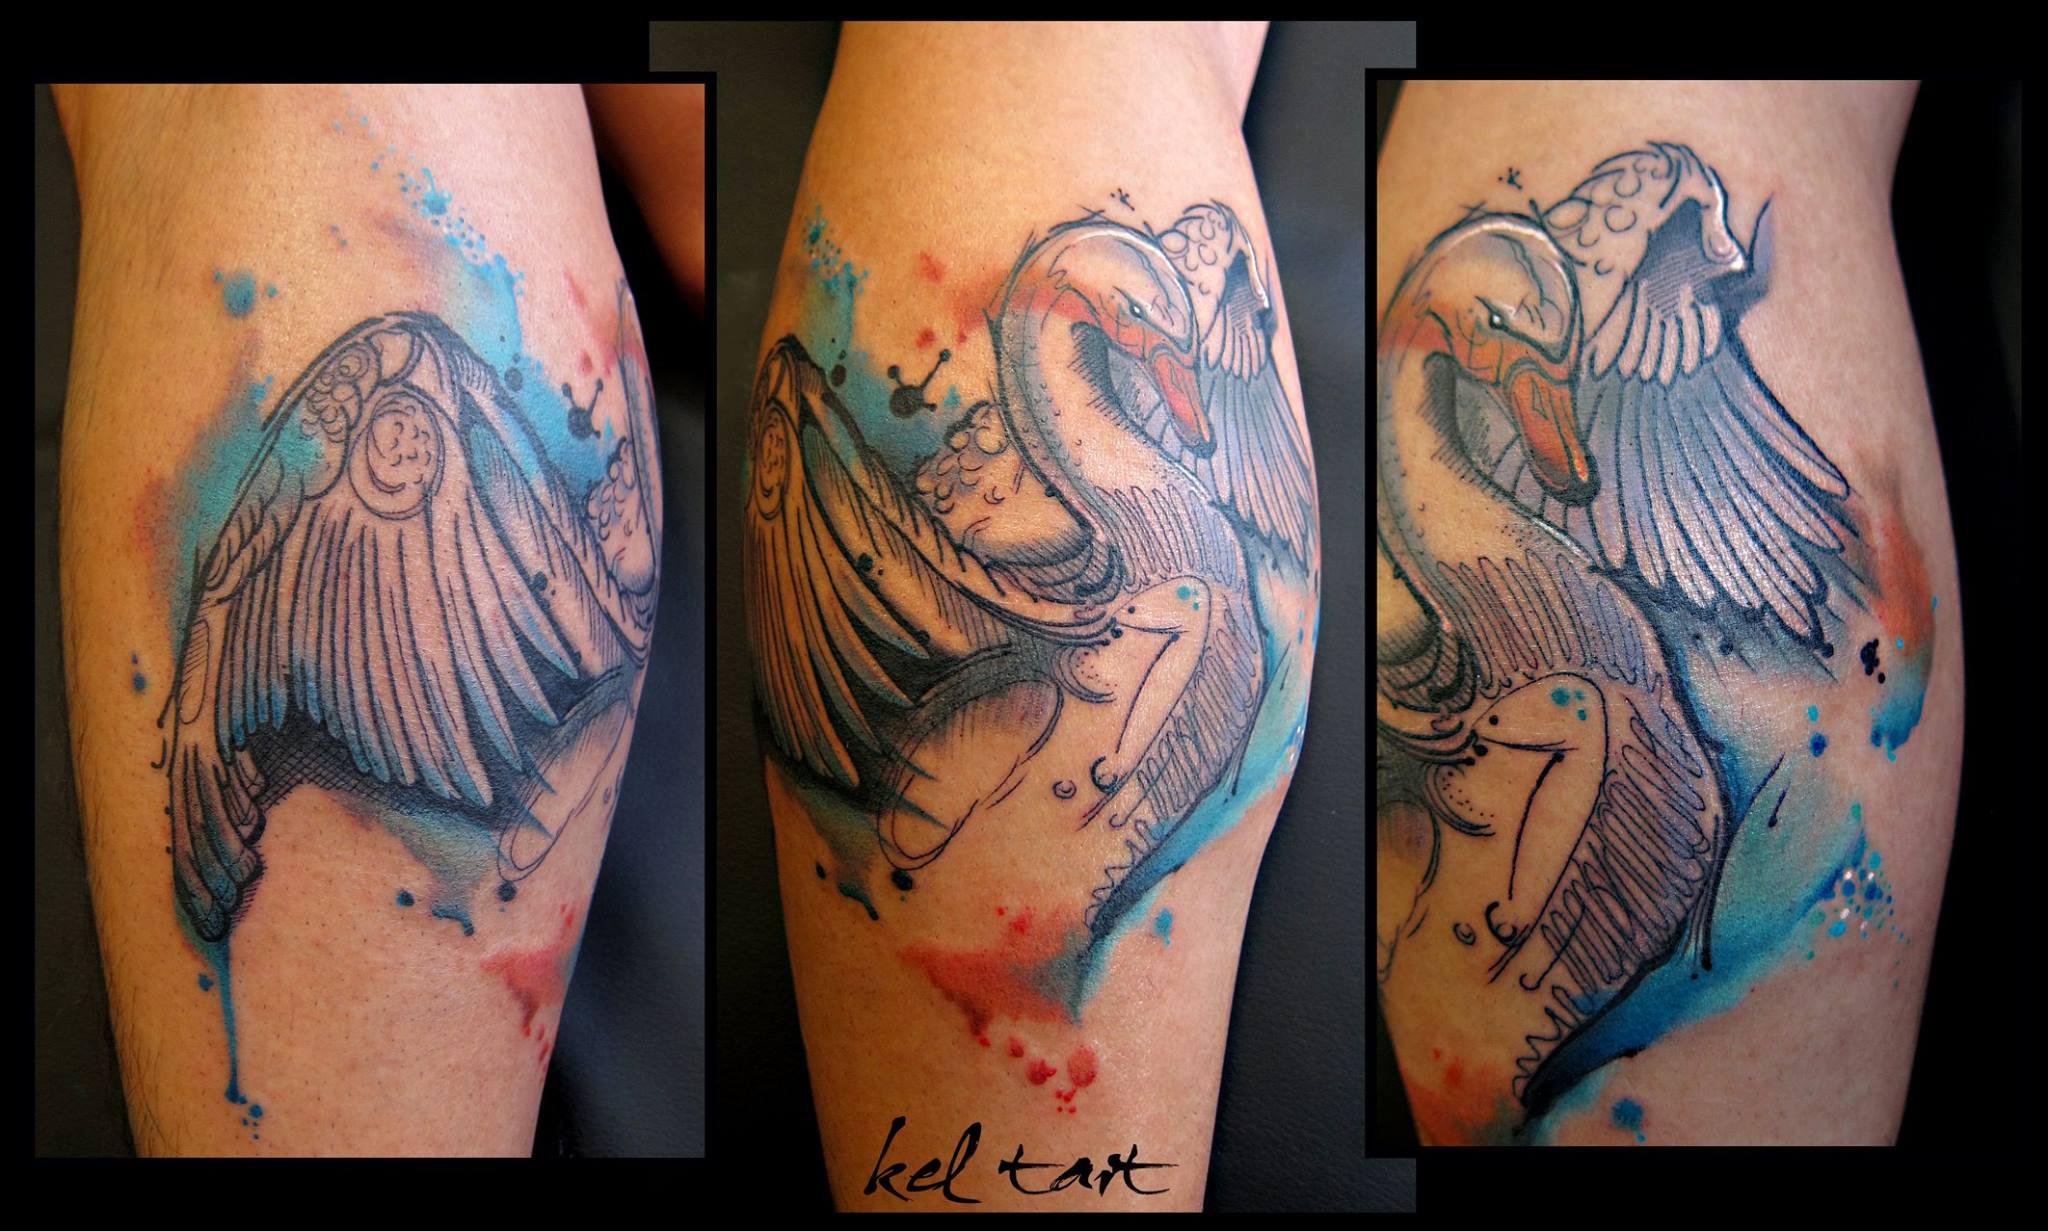 Kel Tait, Tattoo artist (14)